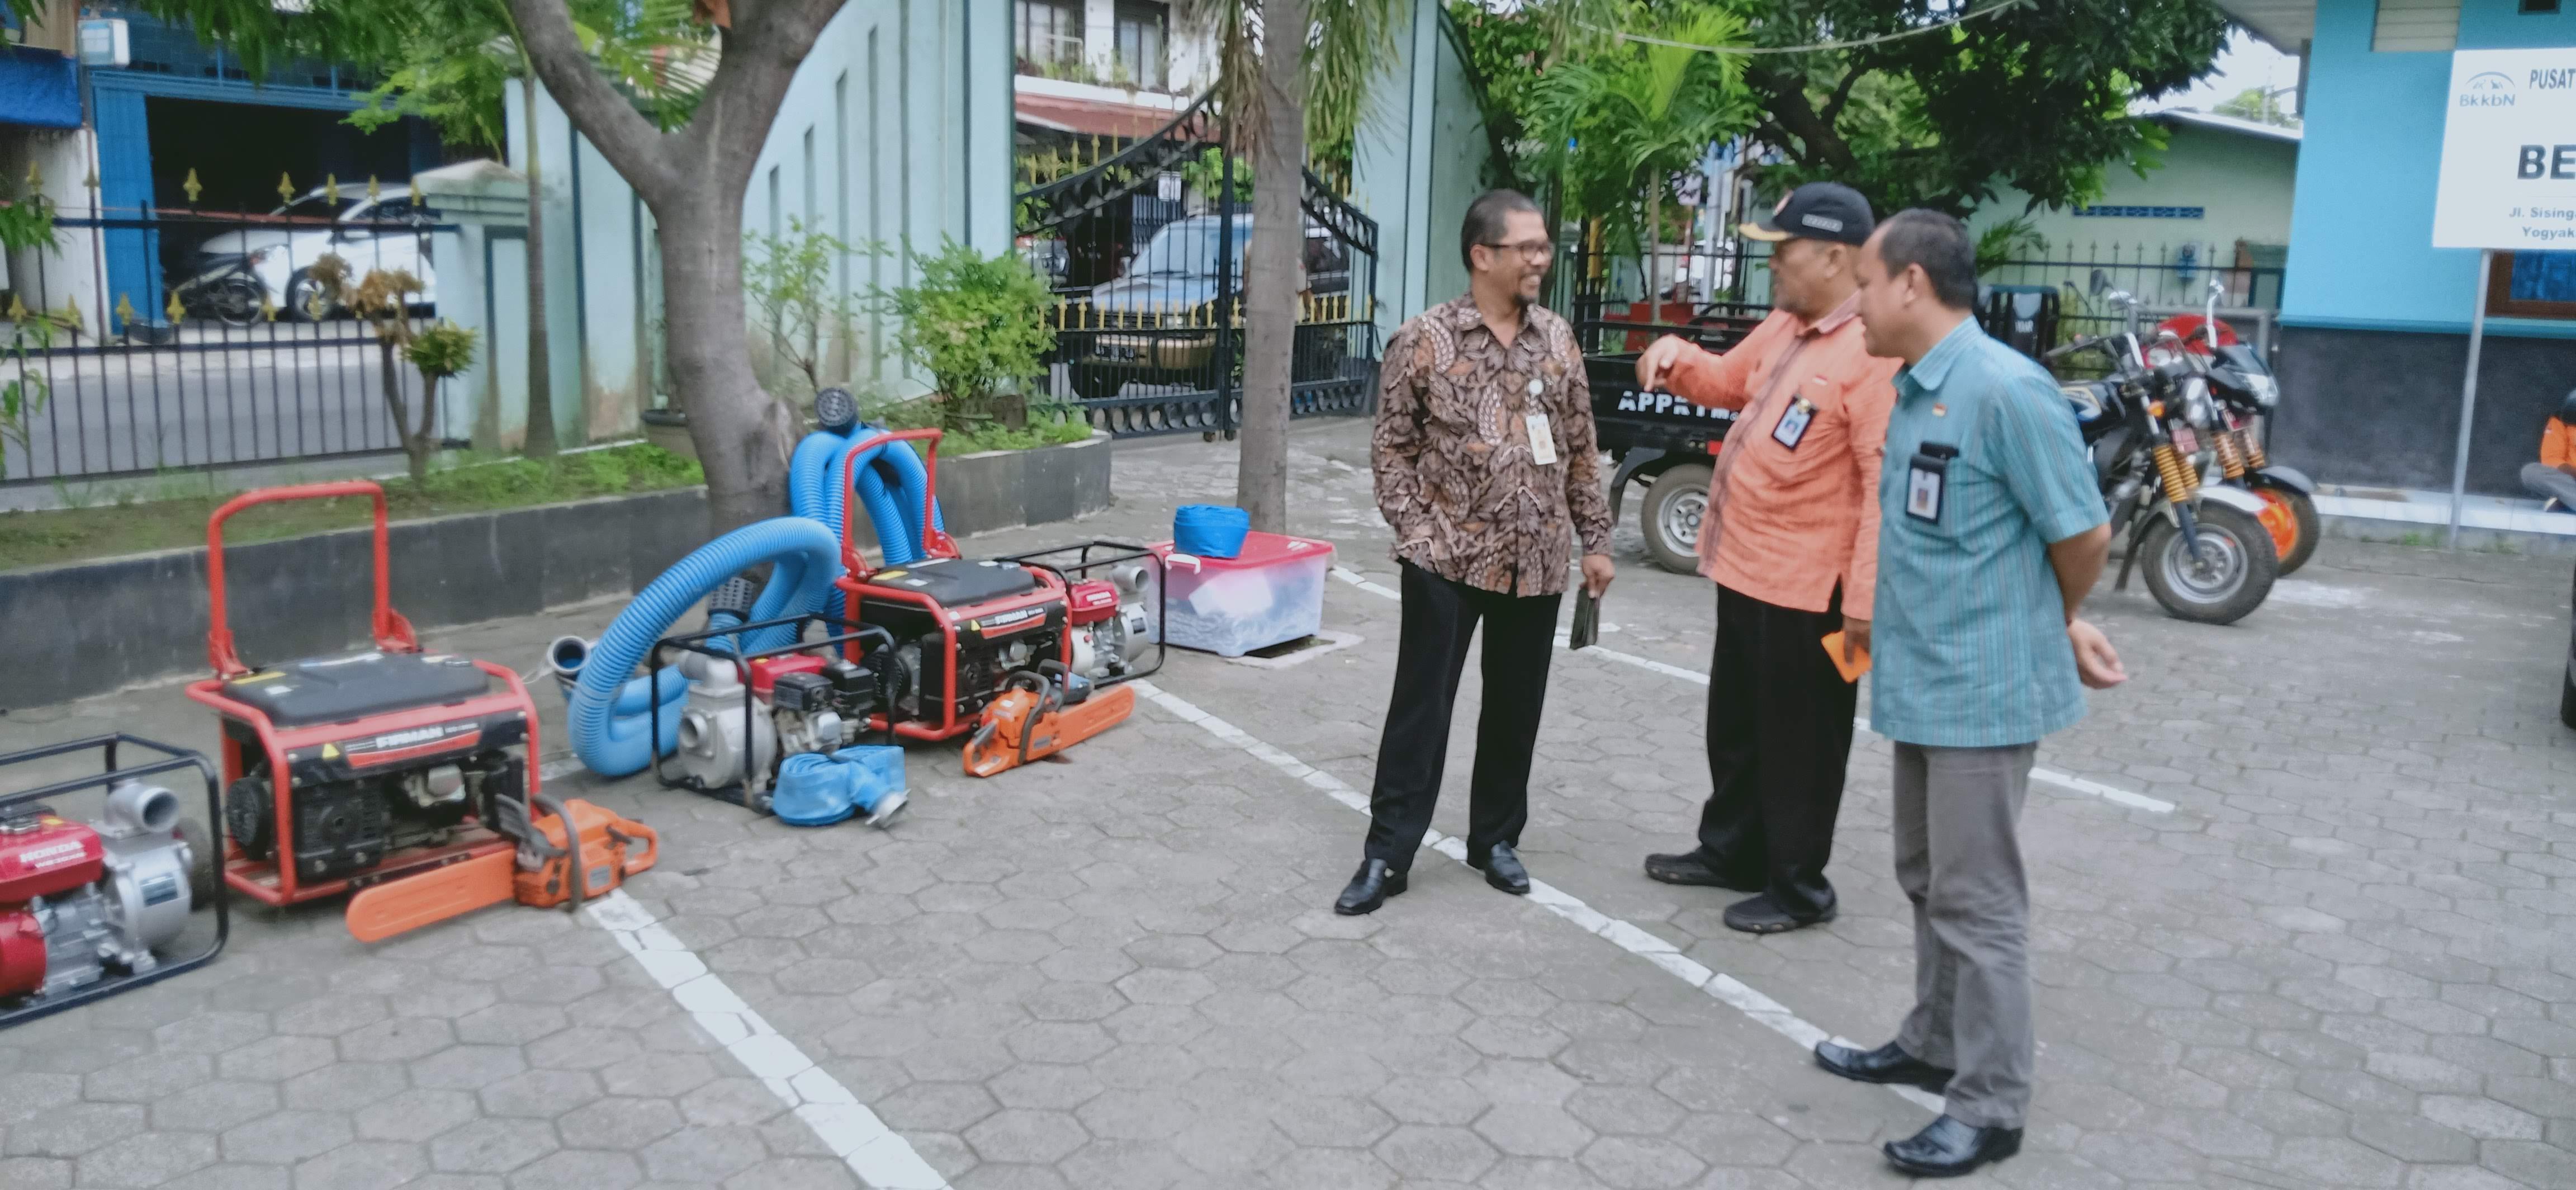 Kepala BPBD DIY, Kepala BPBD Kota Yogyakarta dan Camat Mergangsan melihat sarpras kebencanaan